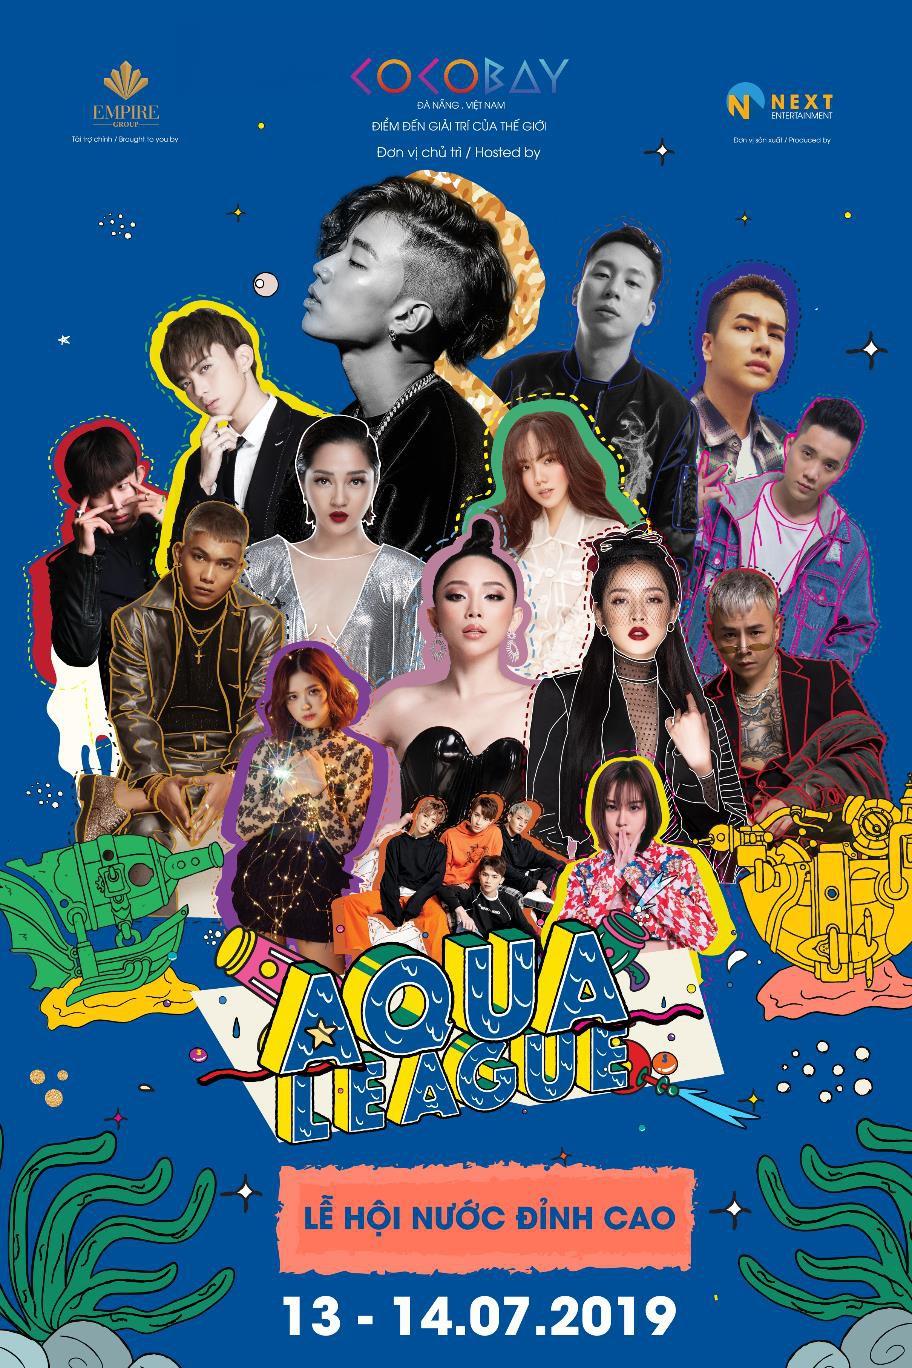 Sau tuyên bố giải nghệ sớm, người hâm mộ càng háo hức chờ đợi Jay Park sang Việt Nam biểu diễn - Ảnh 4.